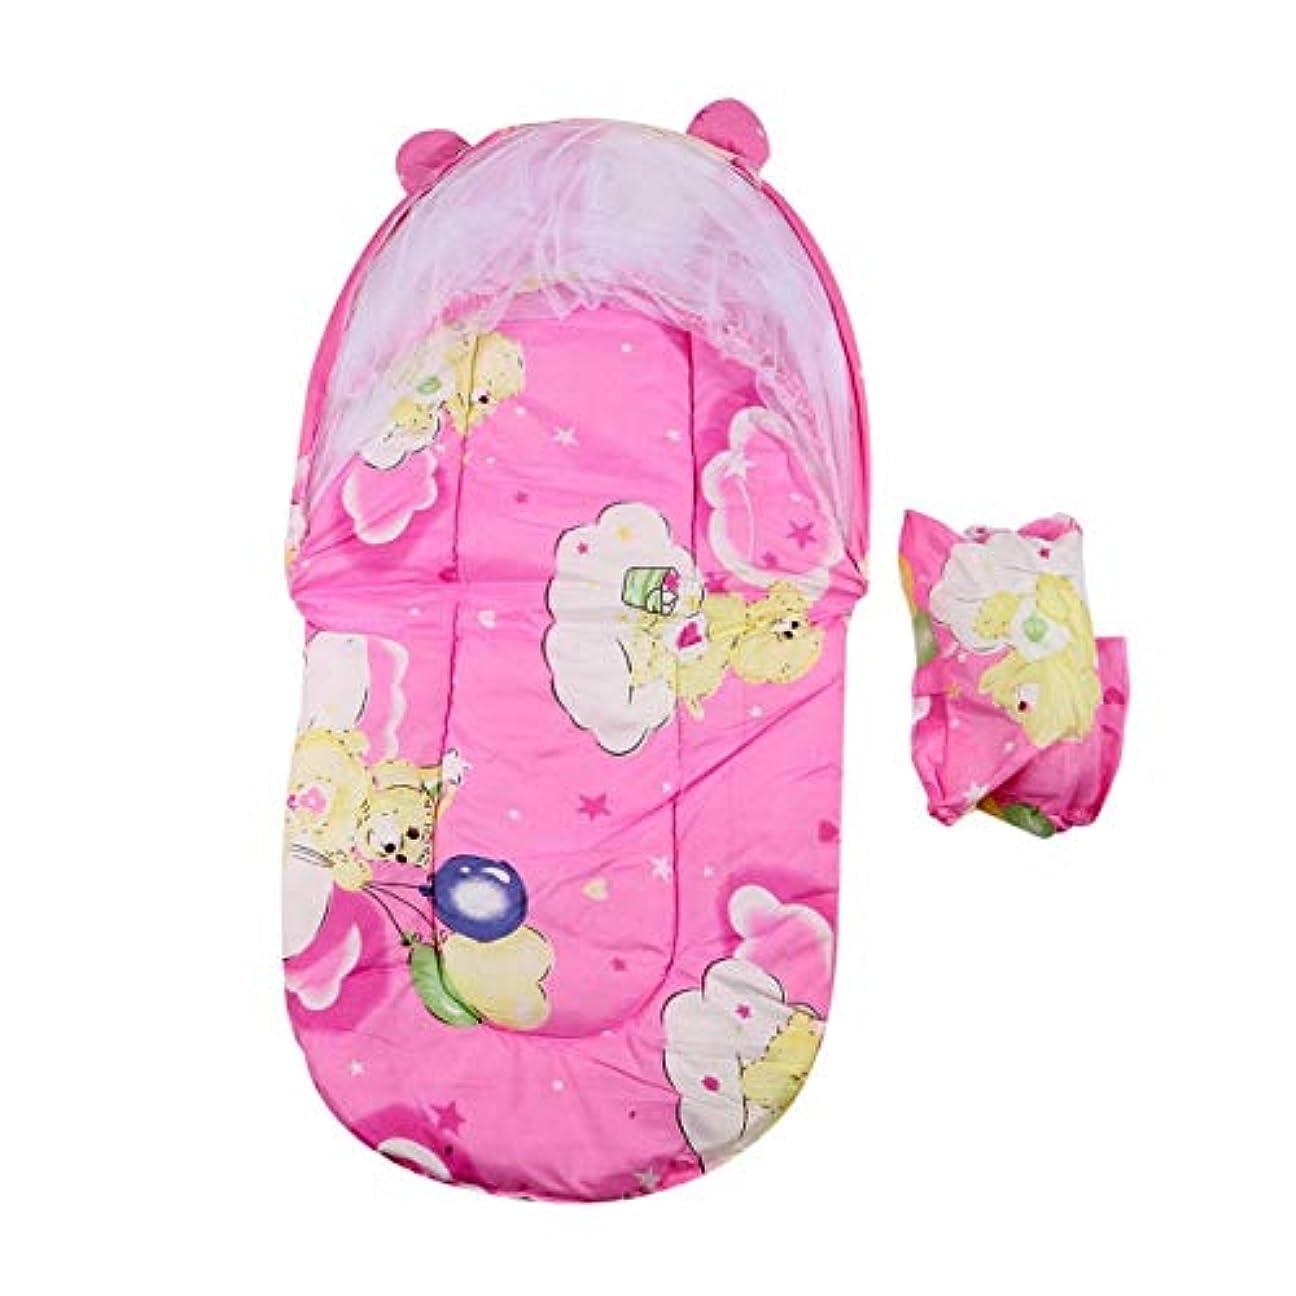 浸透する価値動作Saikogoods 折り畳み式の新しい赤ん坊の綿パッド入りマットレス幼児枕ベッド蚊帳テントはキッズベビーベッドアクセサリーハングドームフロアスタンド ピンク